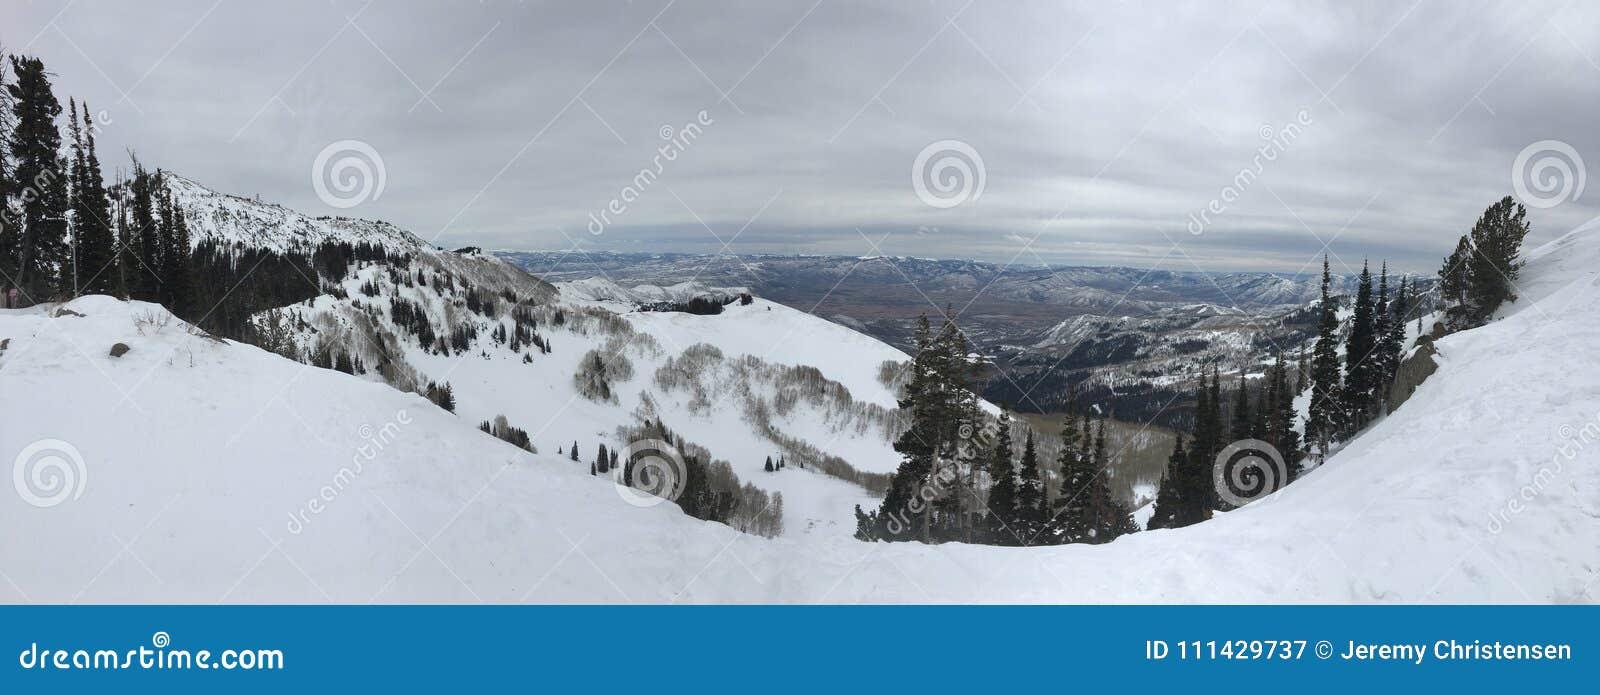 Vues majestueuses d hiver autour de Wasatch Front Rocky Mountains, Brighton Ski Resort, près de vallée de Salt Lake et de Heber,